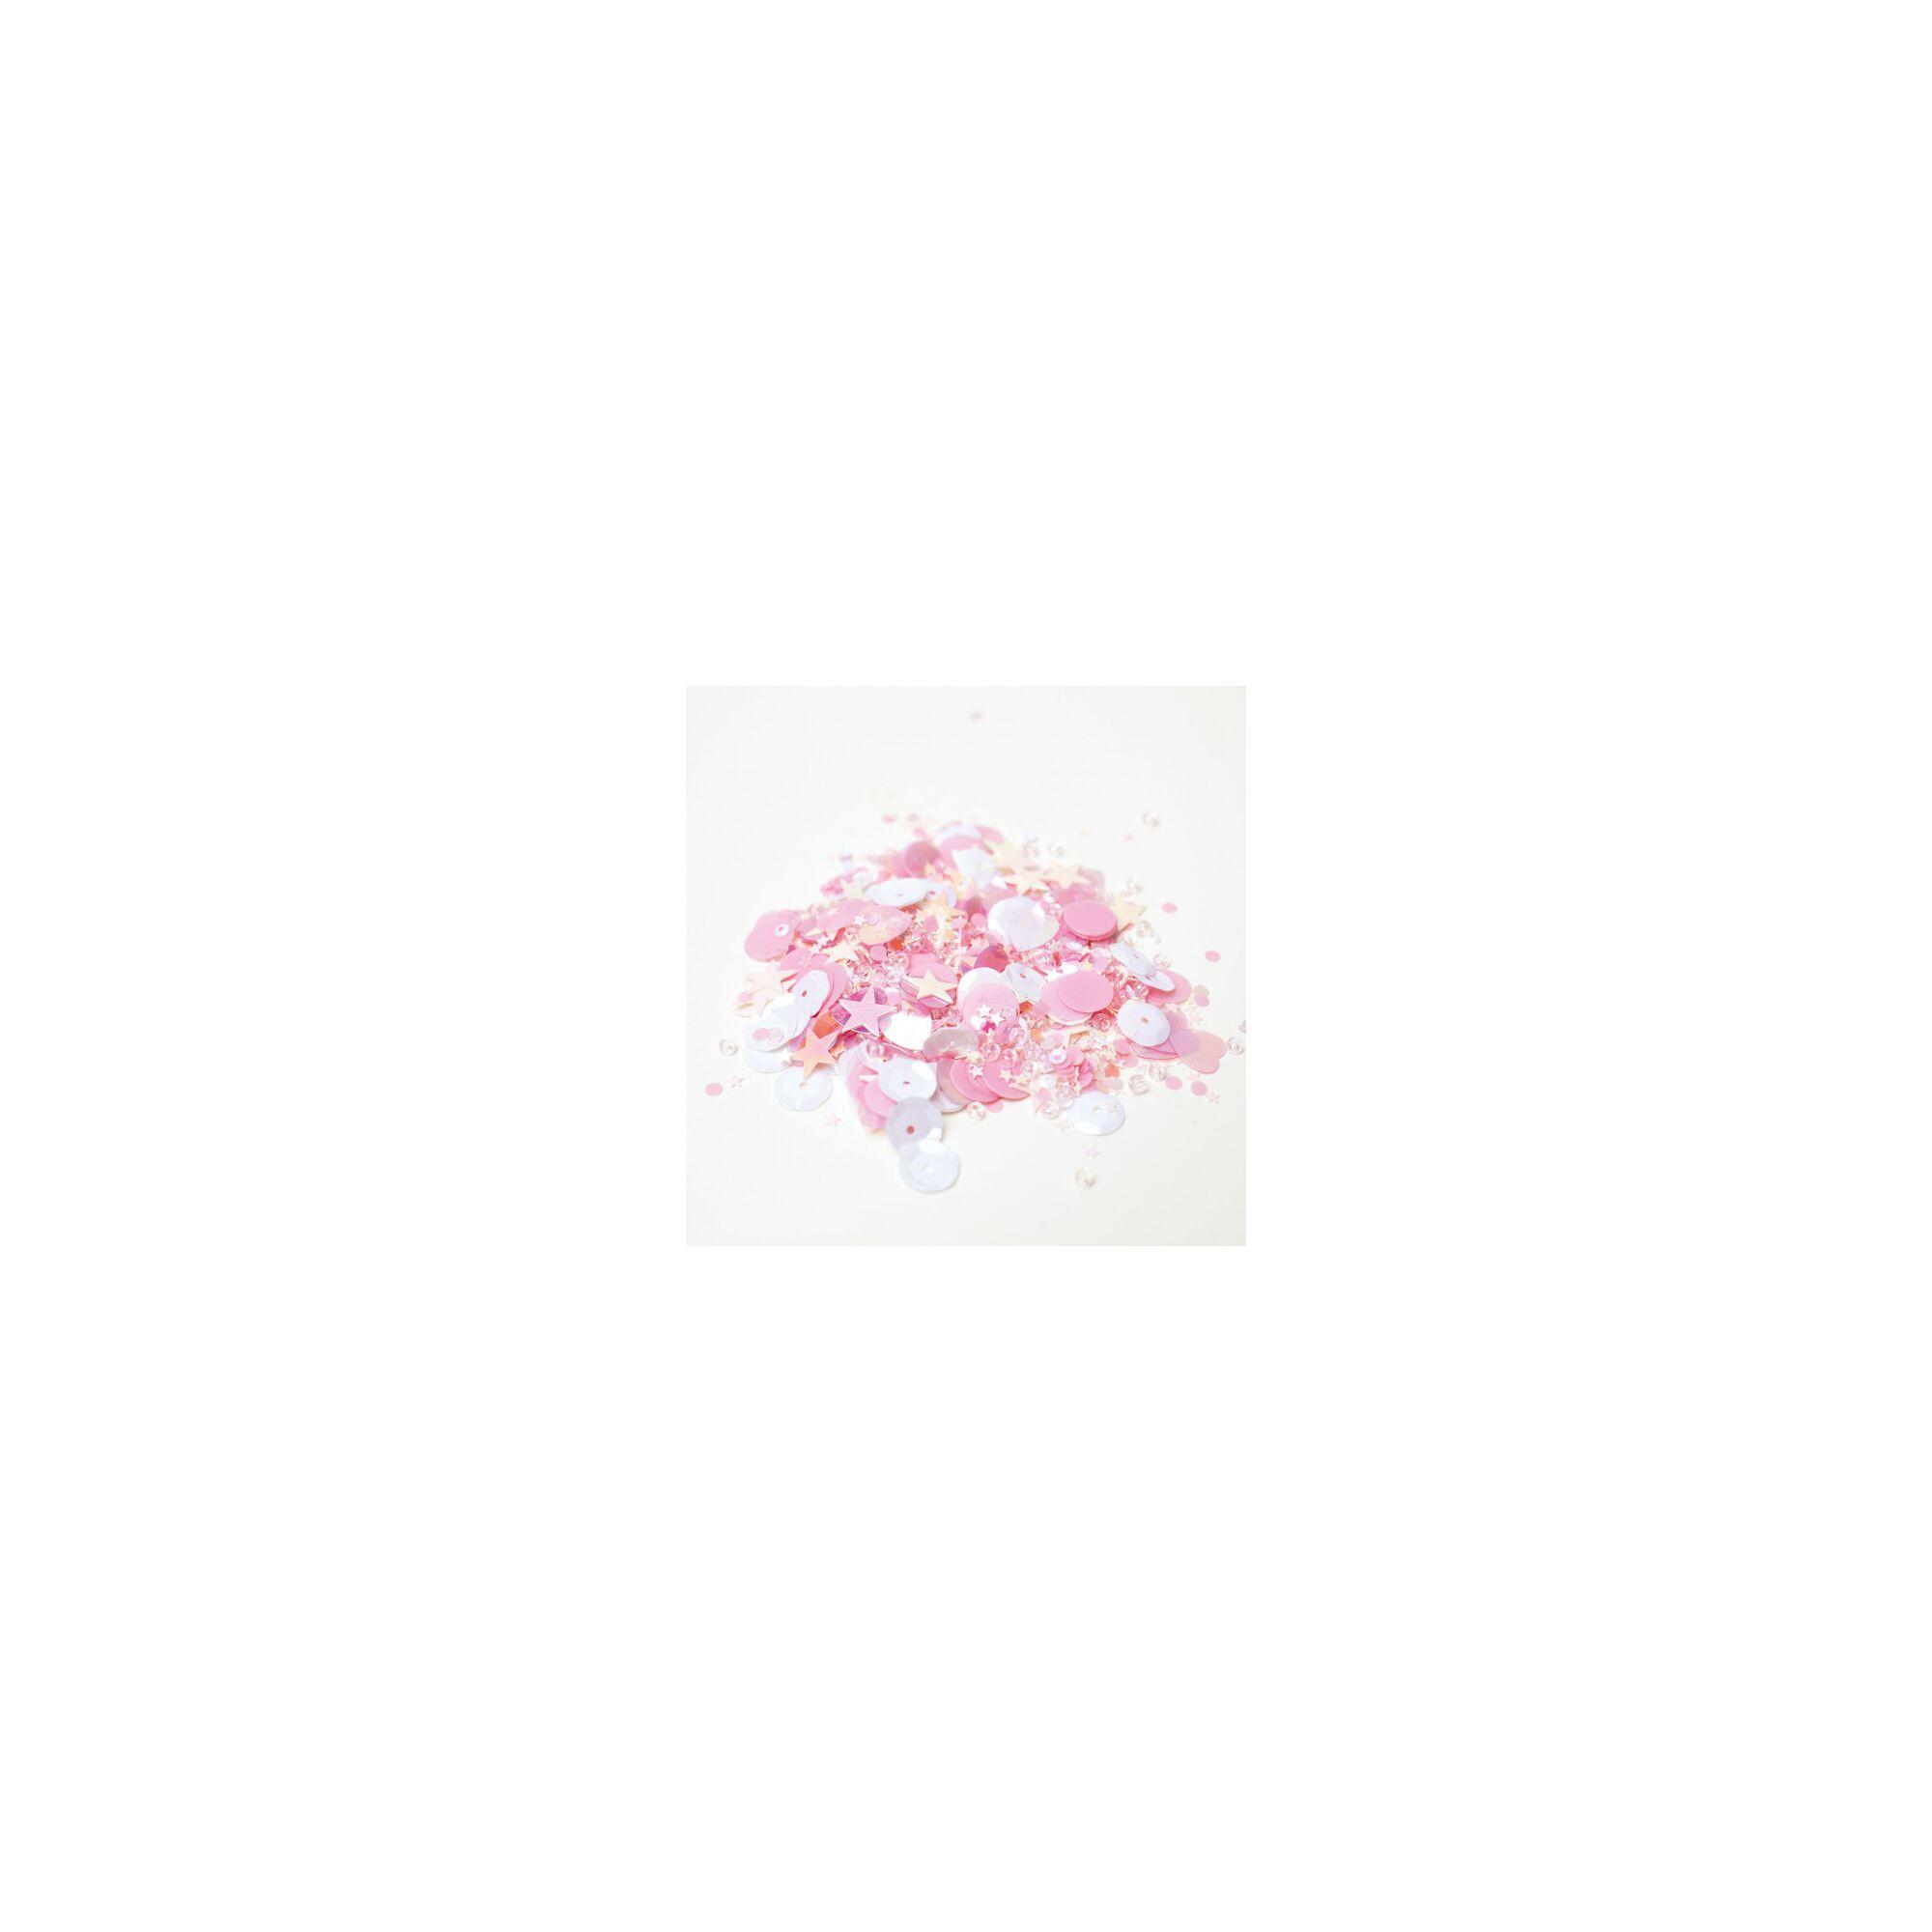 Sizzix Sequins & Beads, Paillietten/Perlen, 20 x 20g, Balett Slipper ...